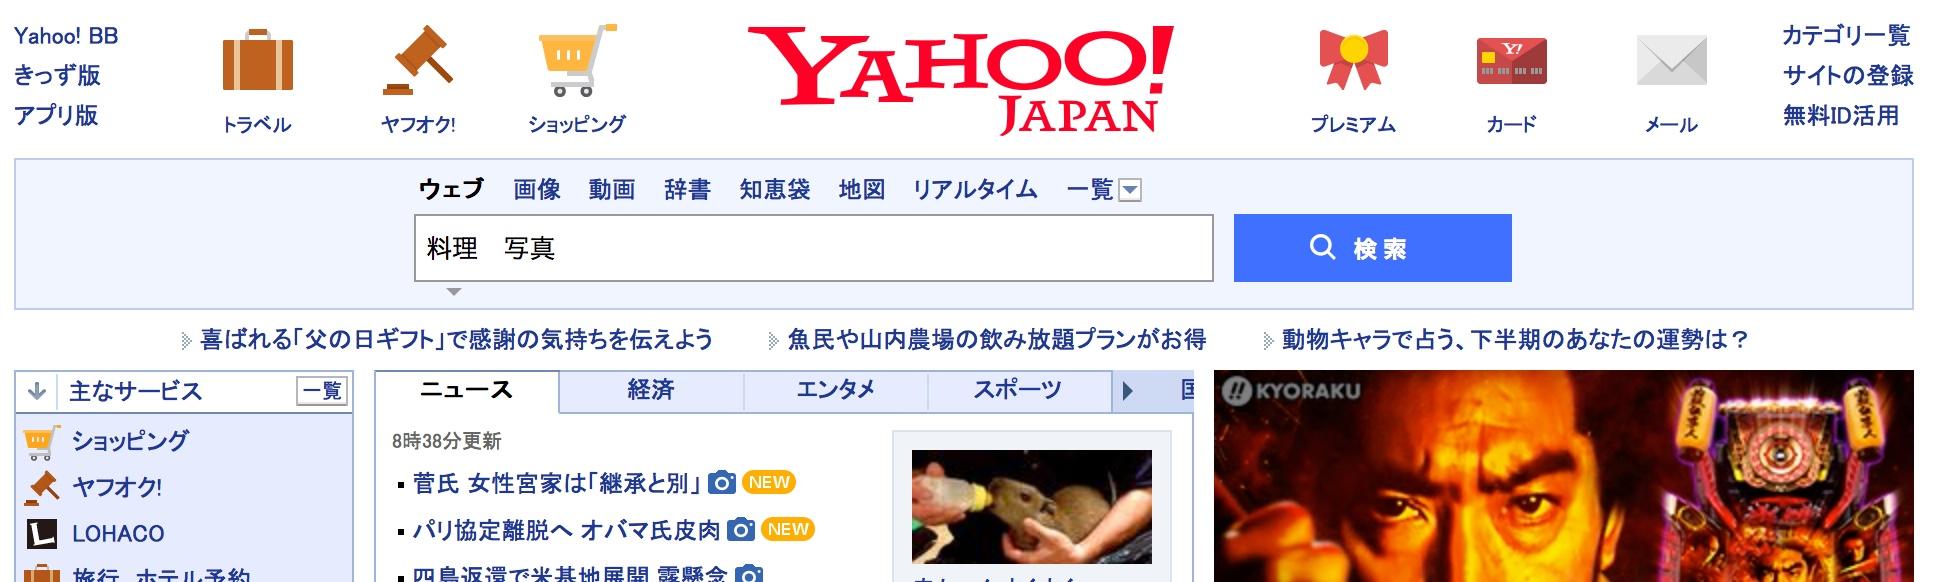 Yahoo!で検索するとどうでしょう。